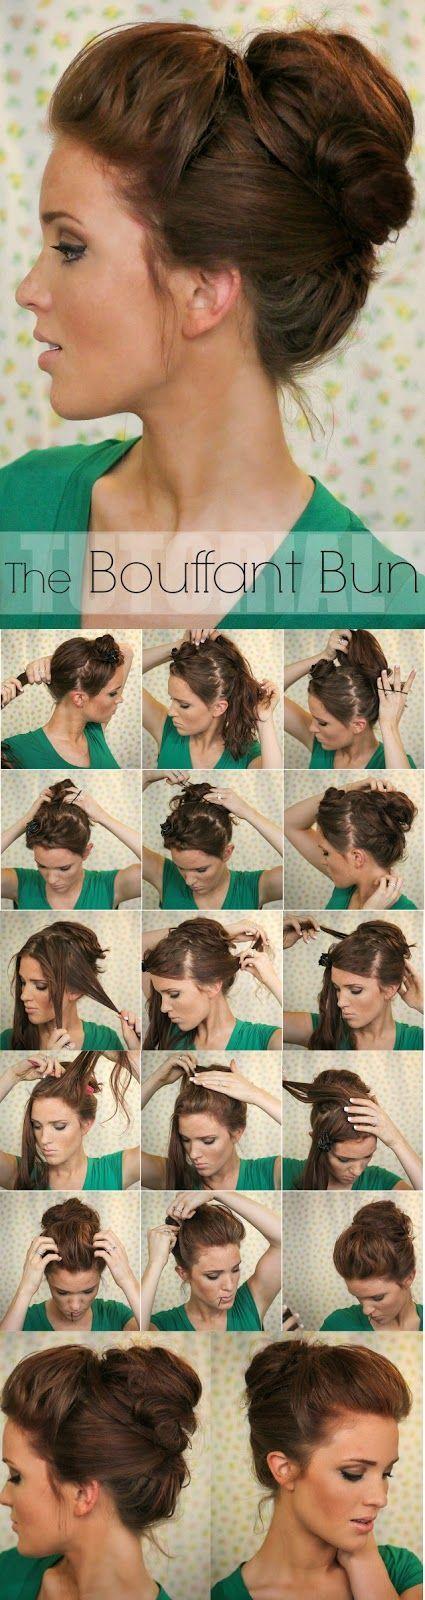 Recogido con hopo   Peinando.com - Peinados fáciles paso a paso